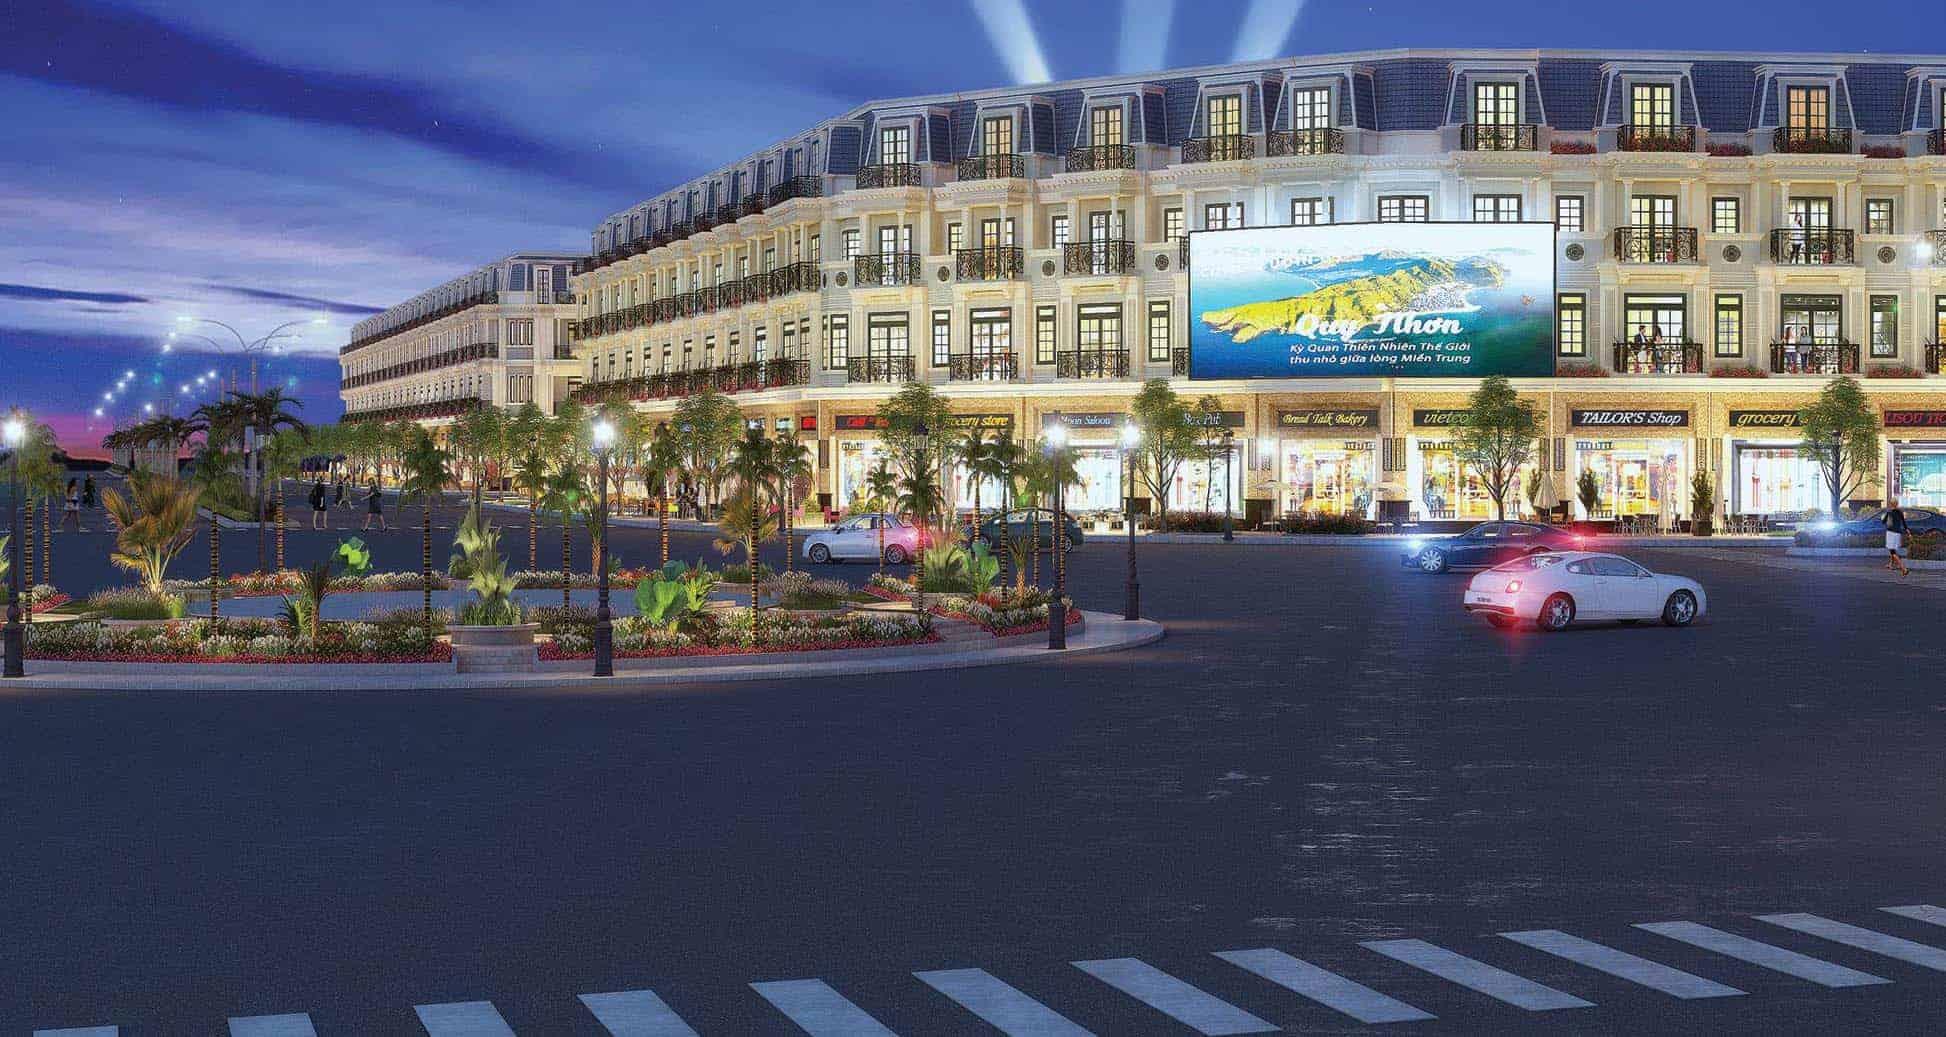 Khu đô thị Kỳ Co: Xu hướng sống mới tại đô thị ven biển